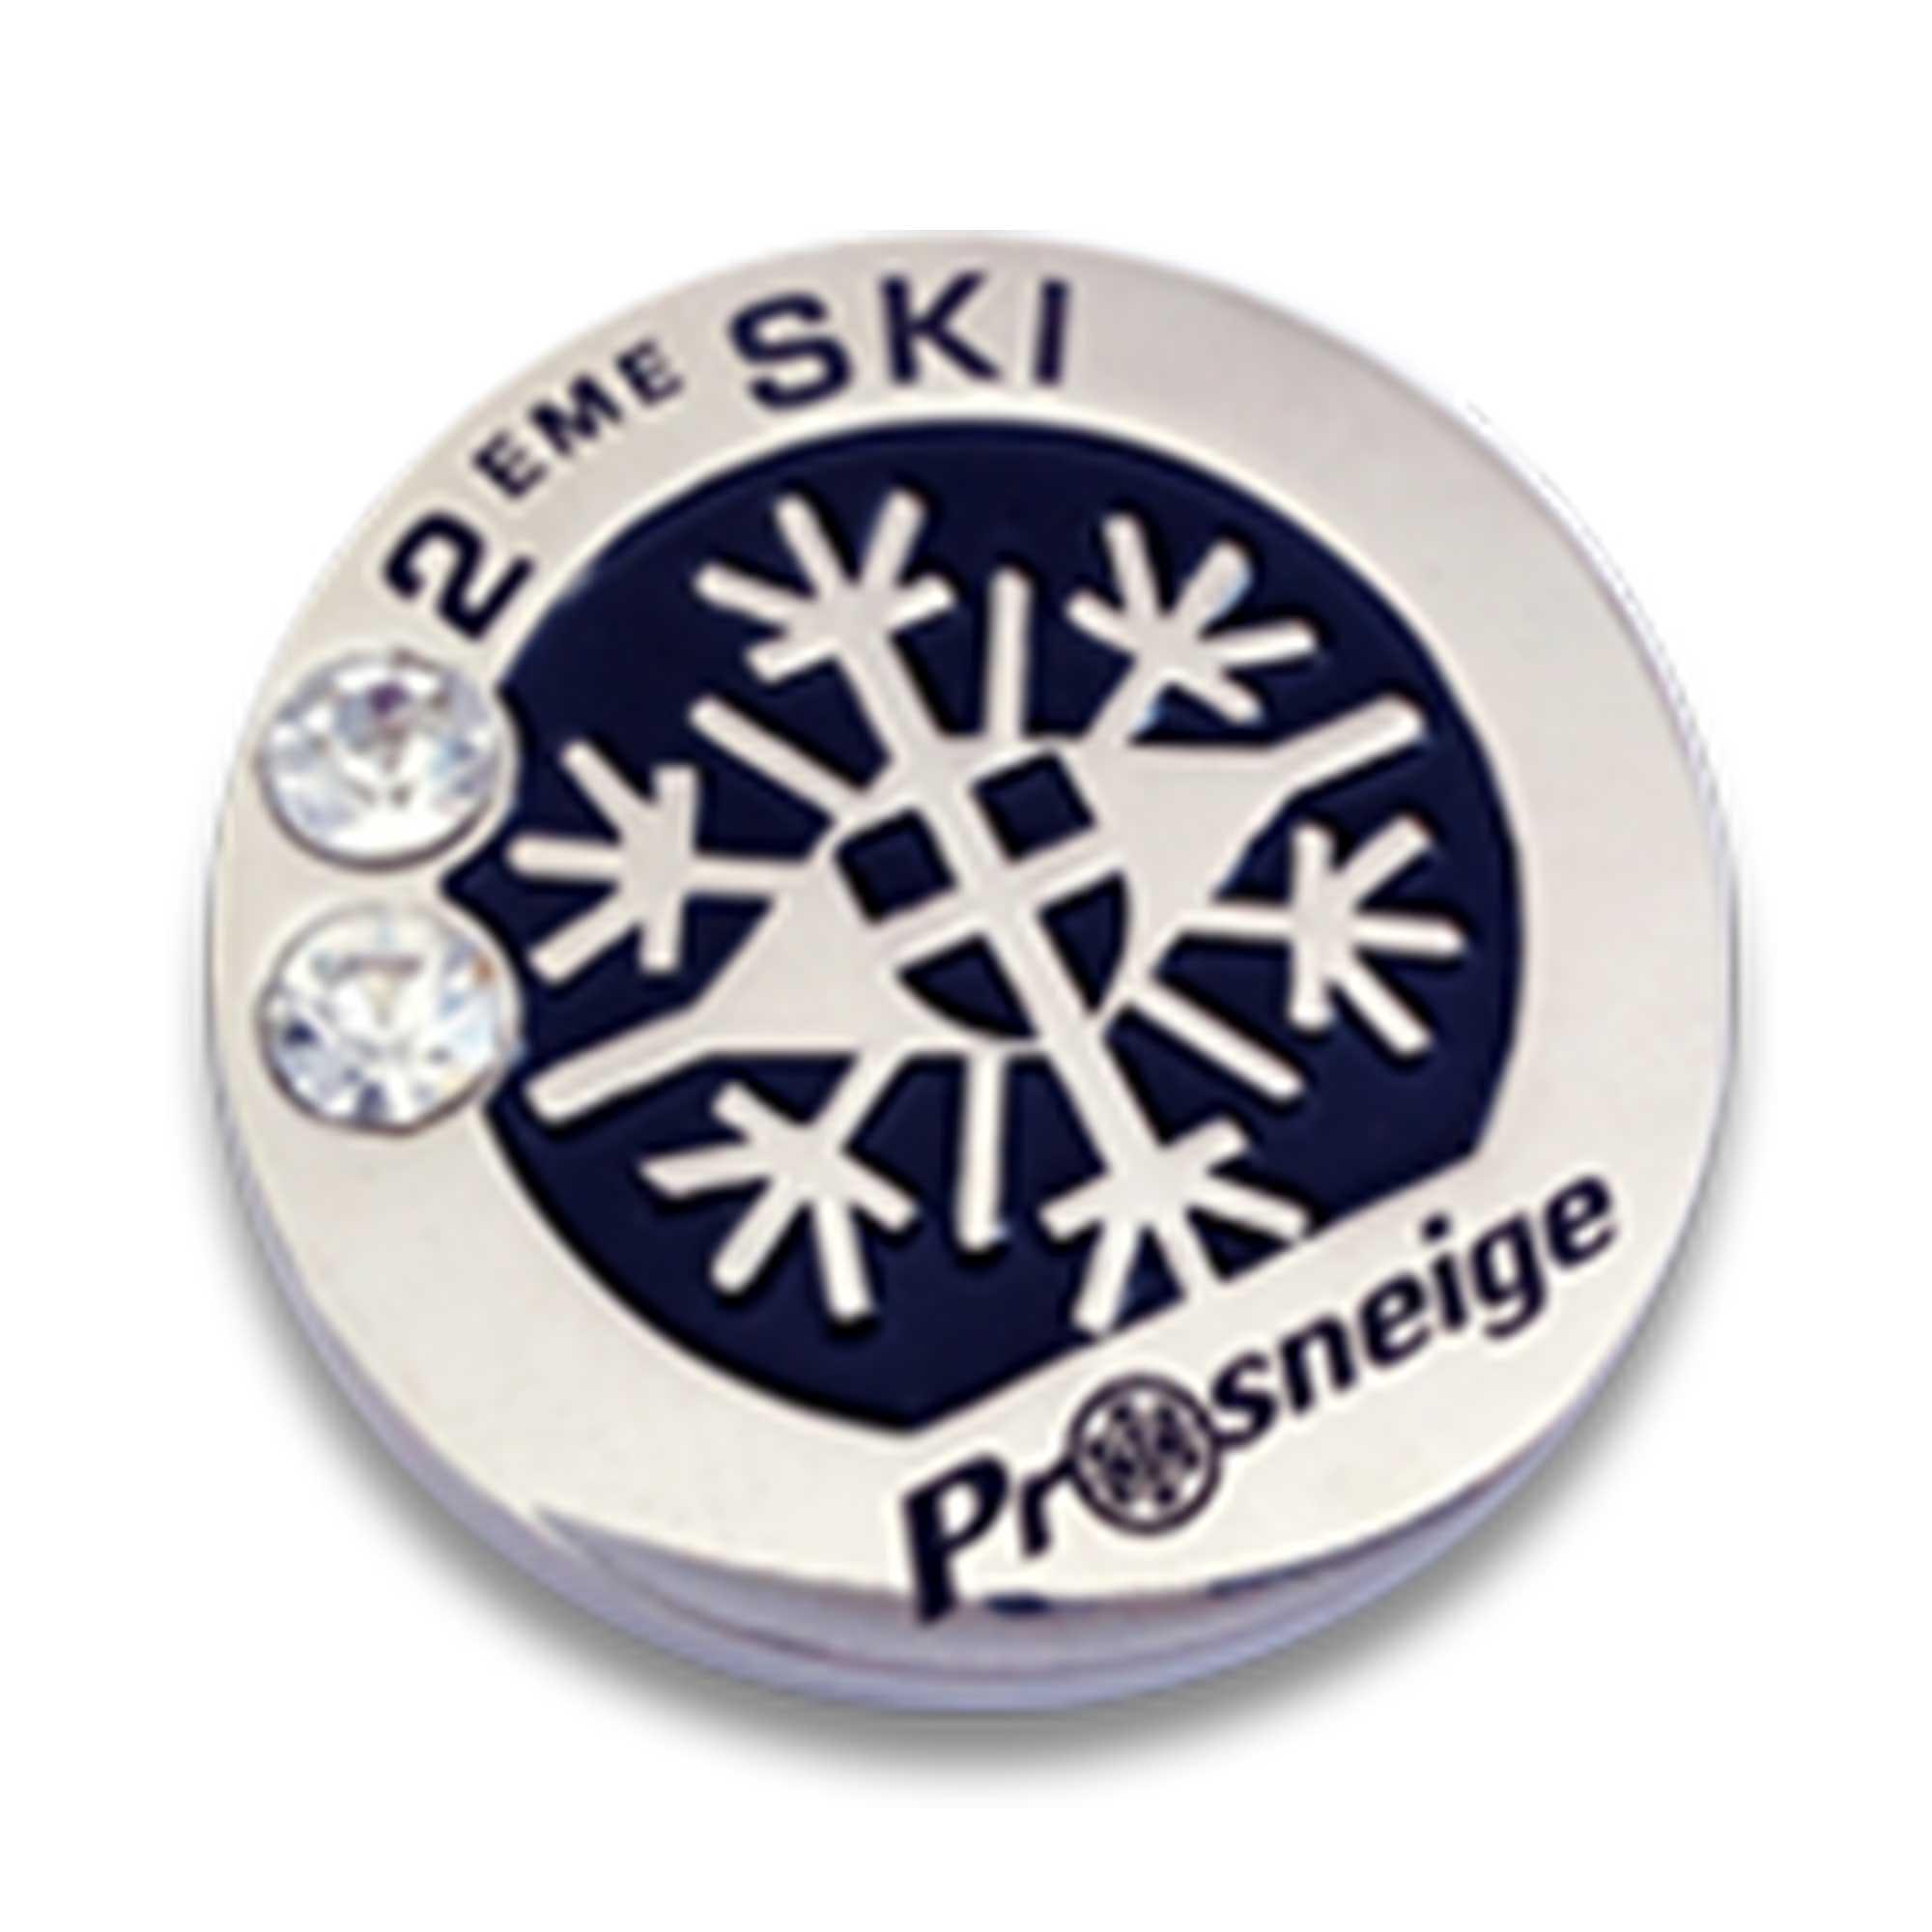 Médaille cours de ski niveau 2 ski